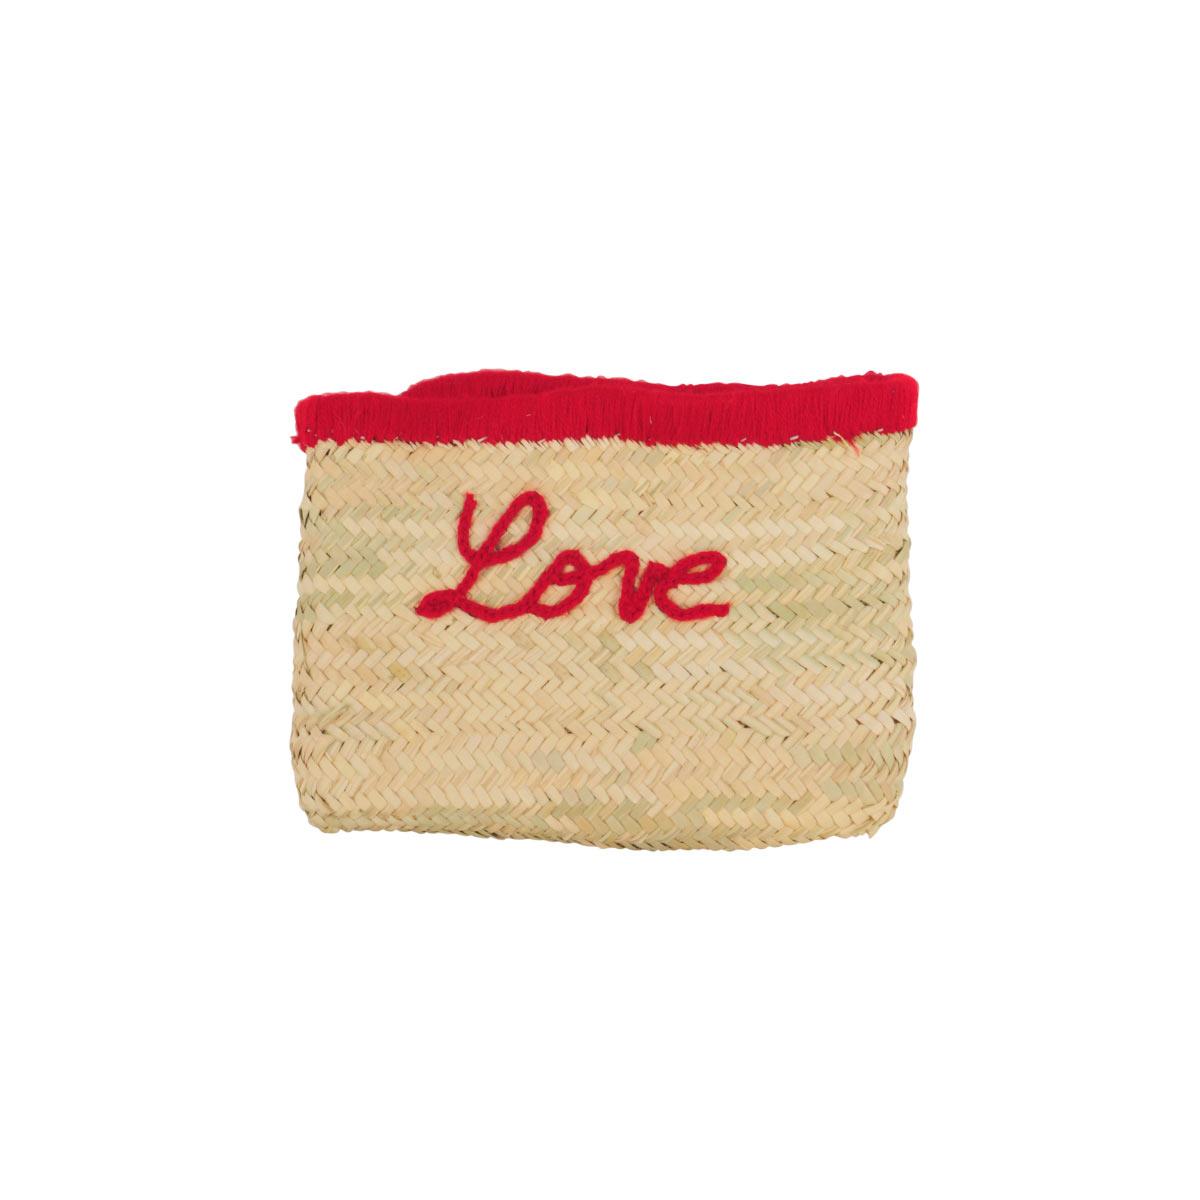 Pochette en osier Love rouge